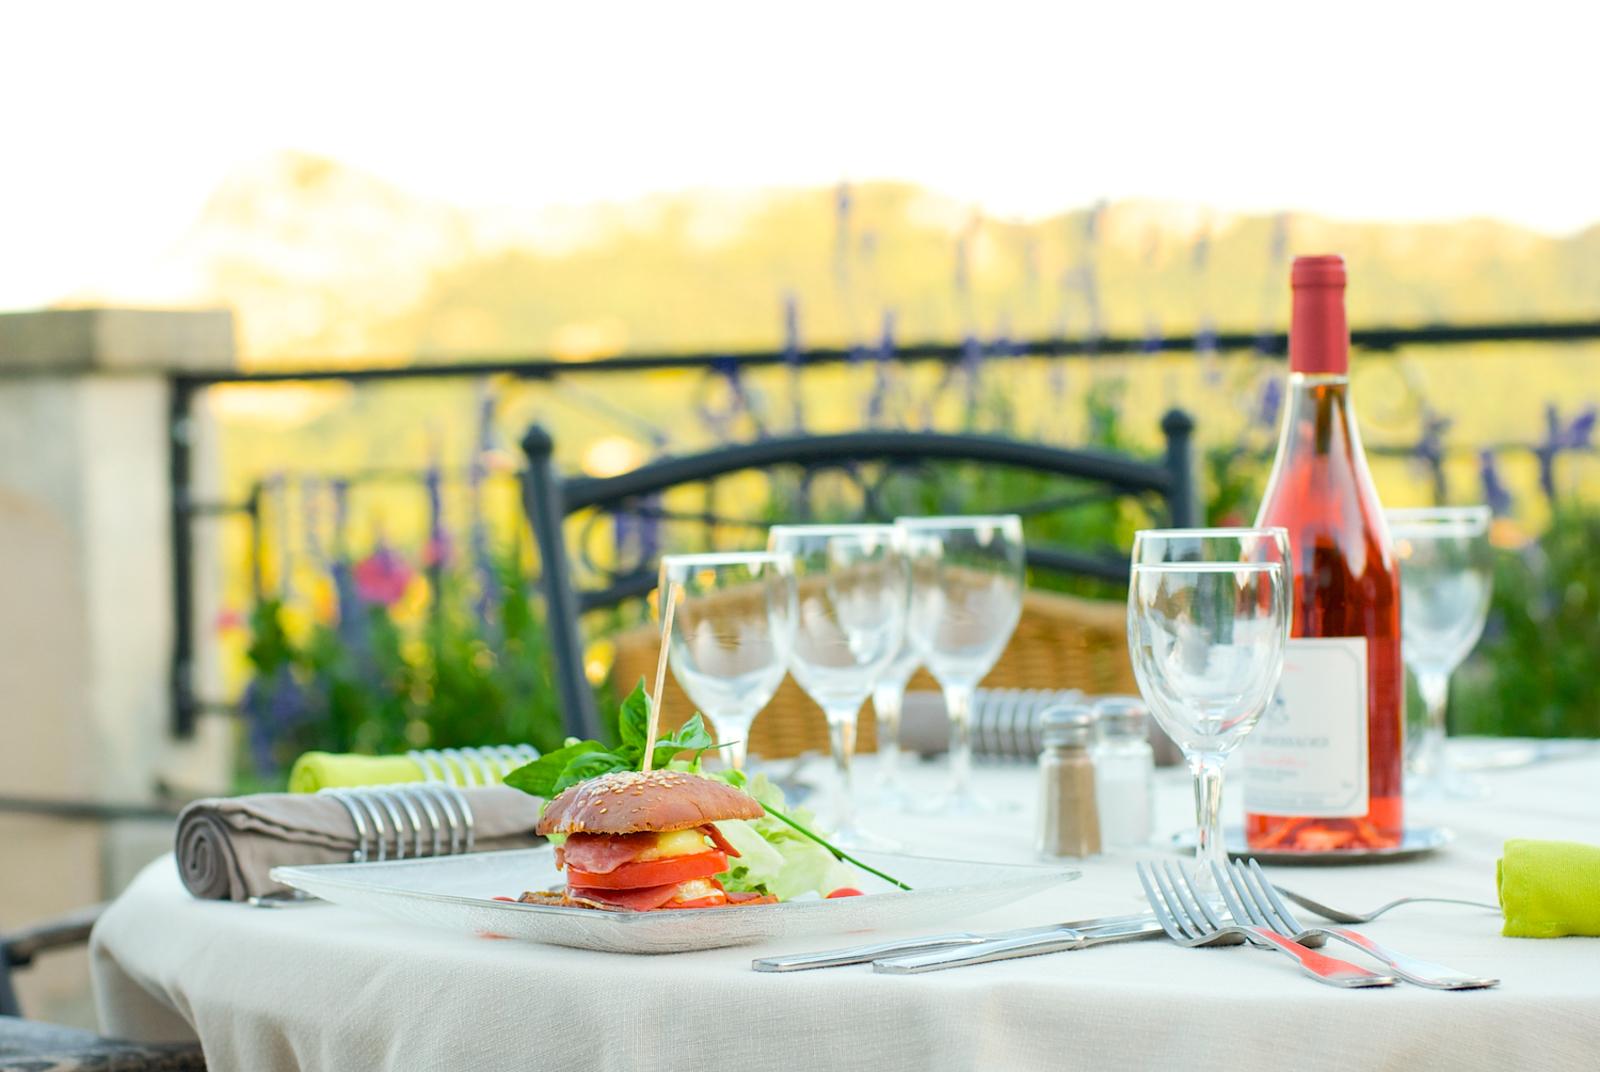 013_Hotel_Restaurant_Cevennes_Anduze_Terrasse_Panoramique